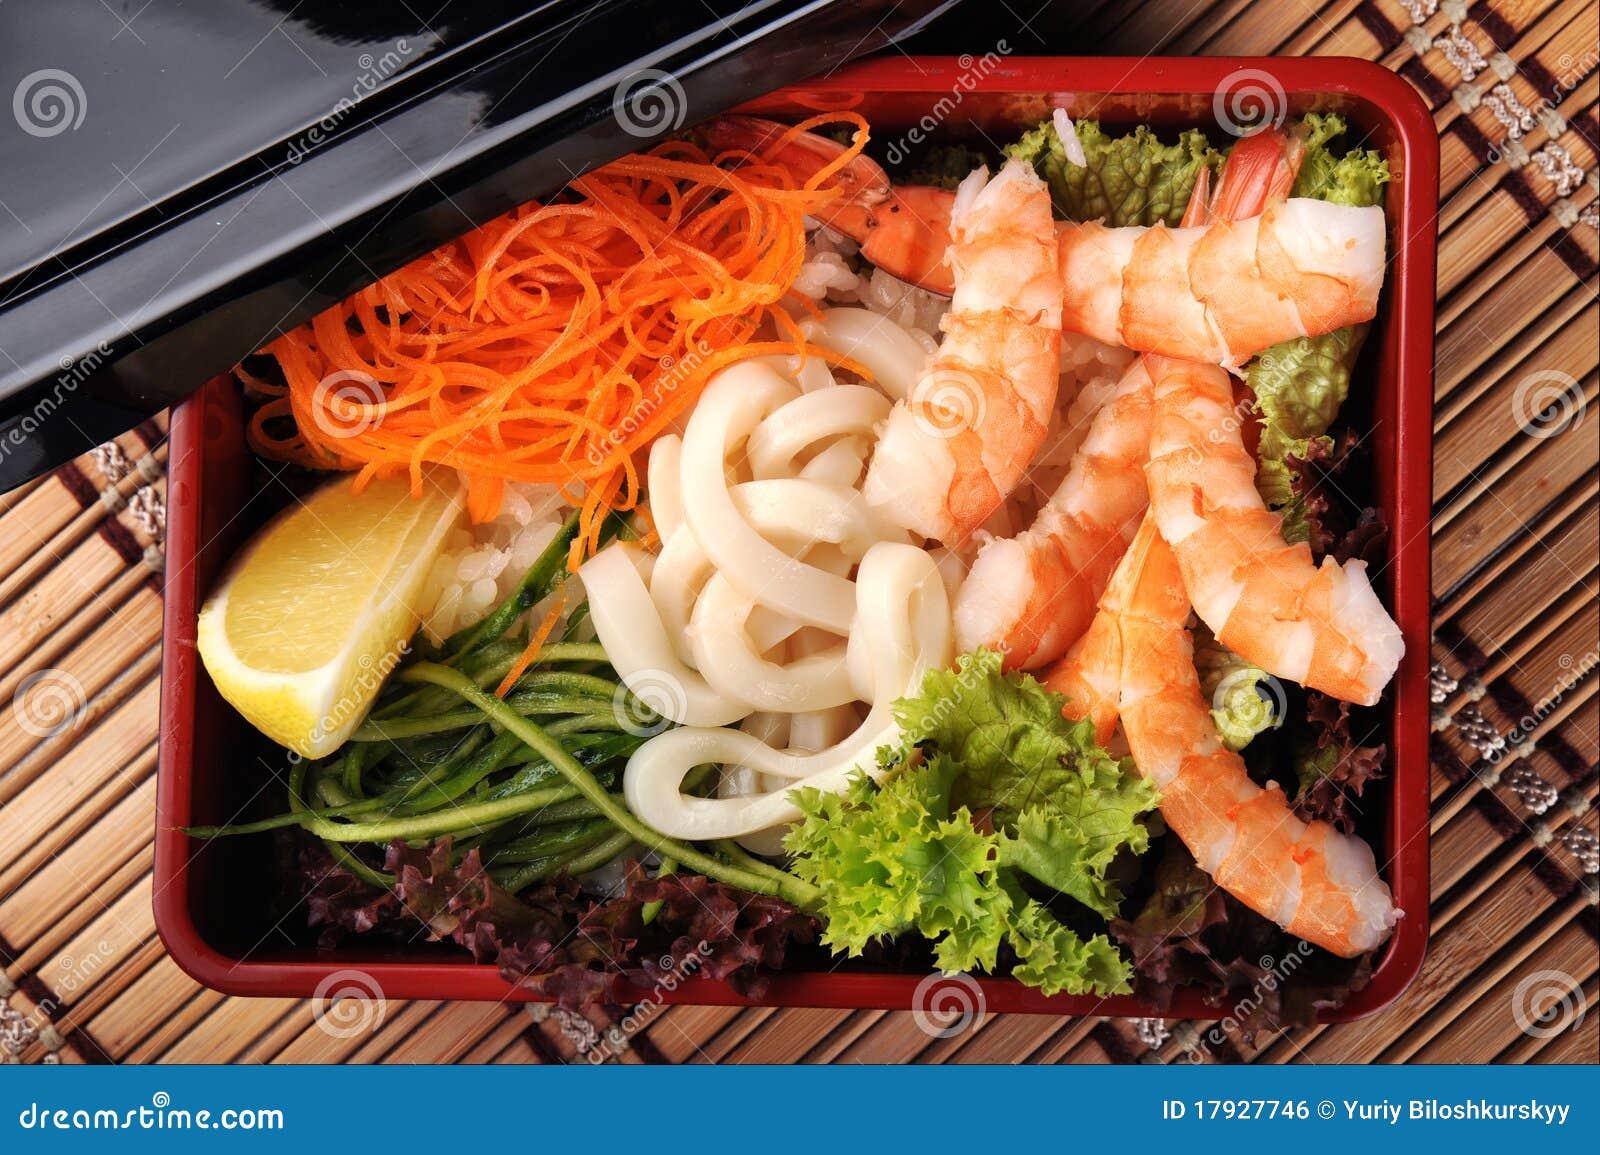 Cuisine japonaise image libre de droits image 17927746 - Cuisine japonaise traditionnelle ...